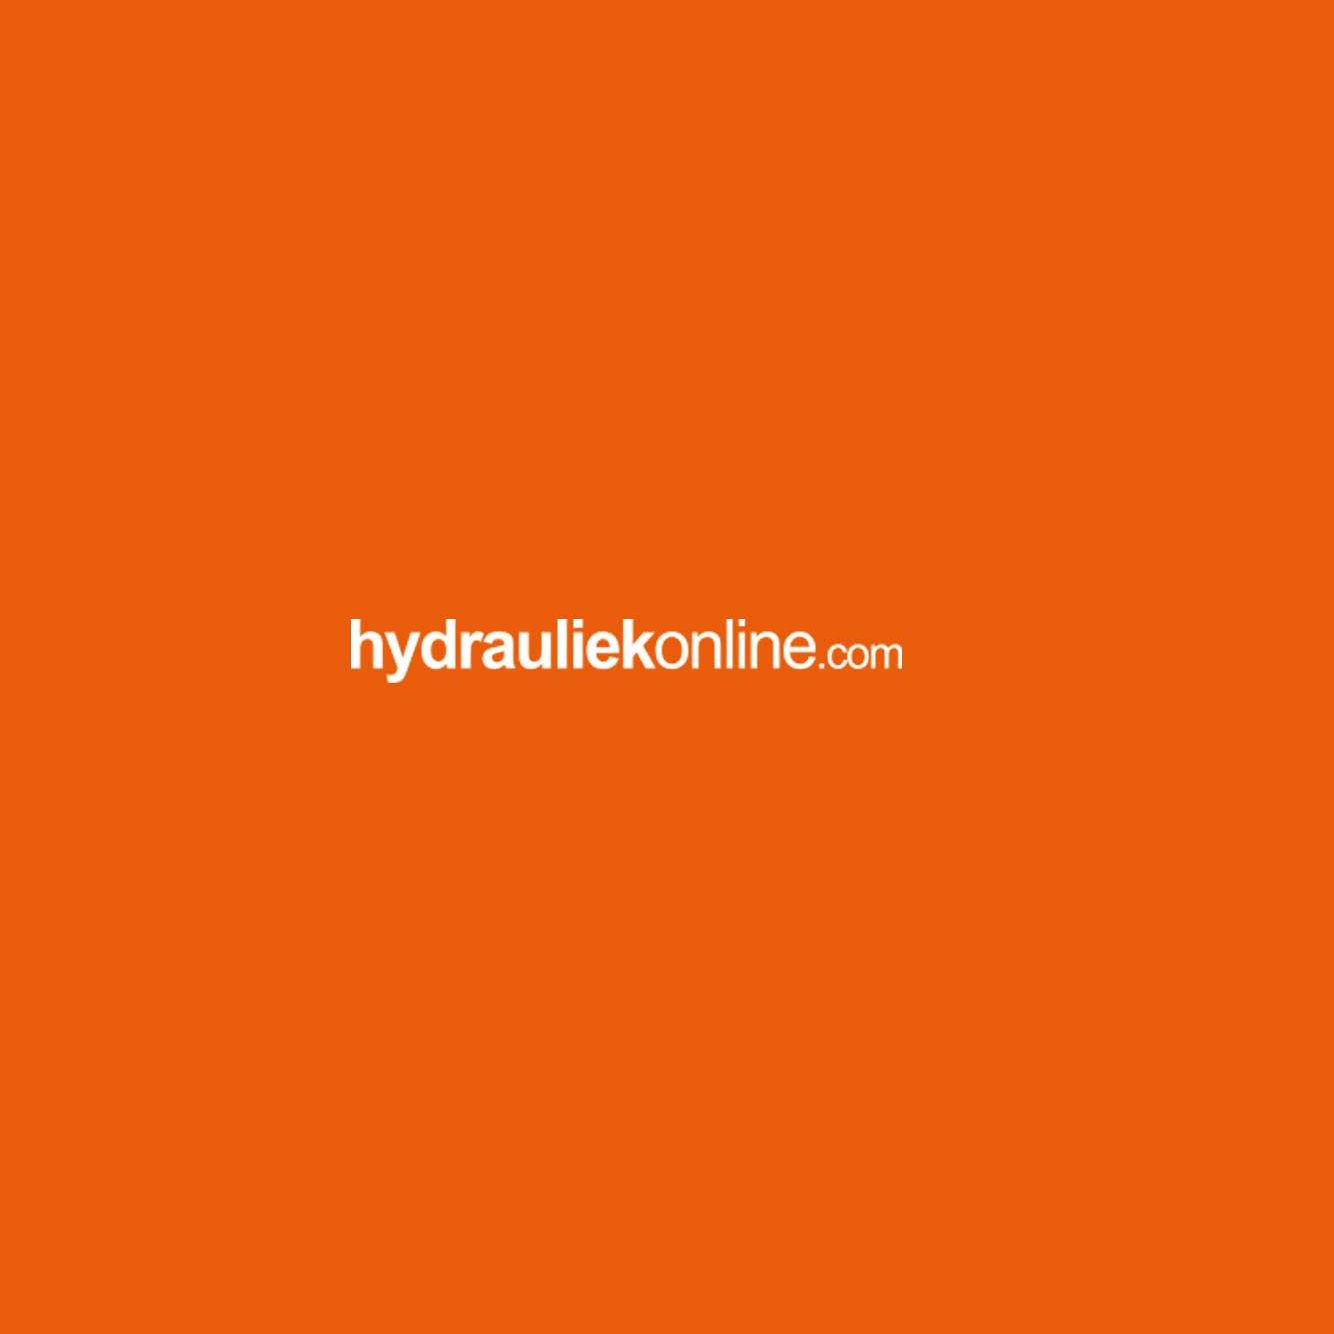 hydrauliek-online-9831.jpg